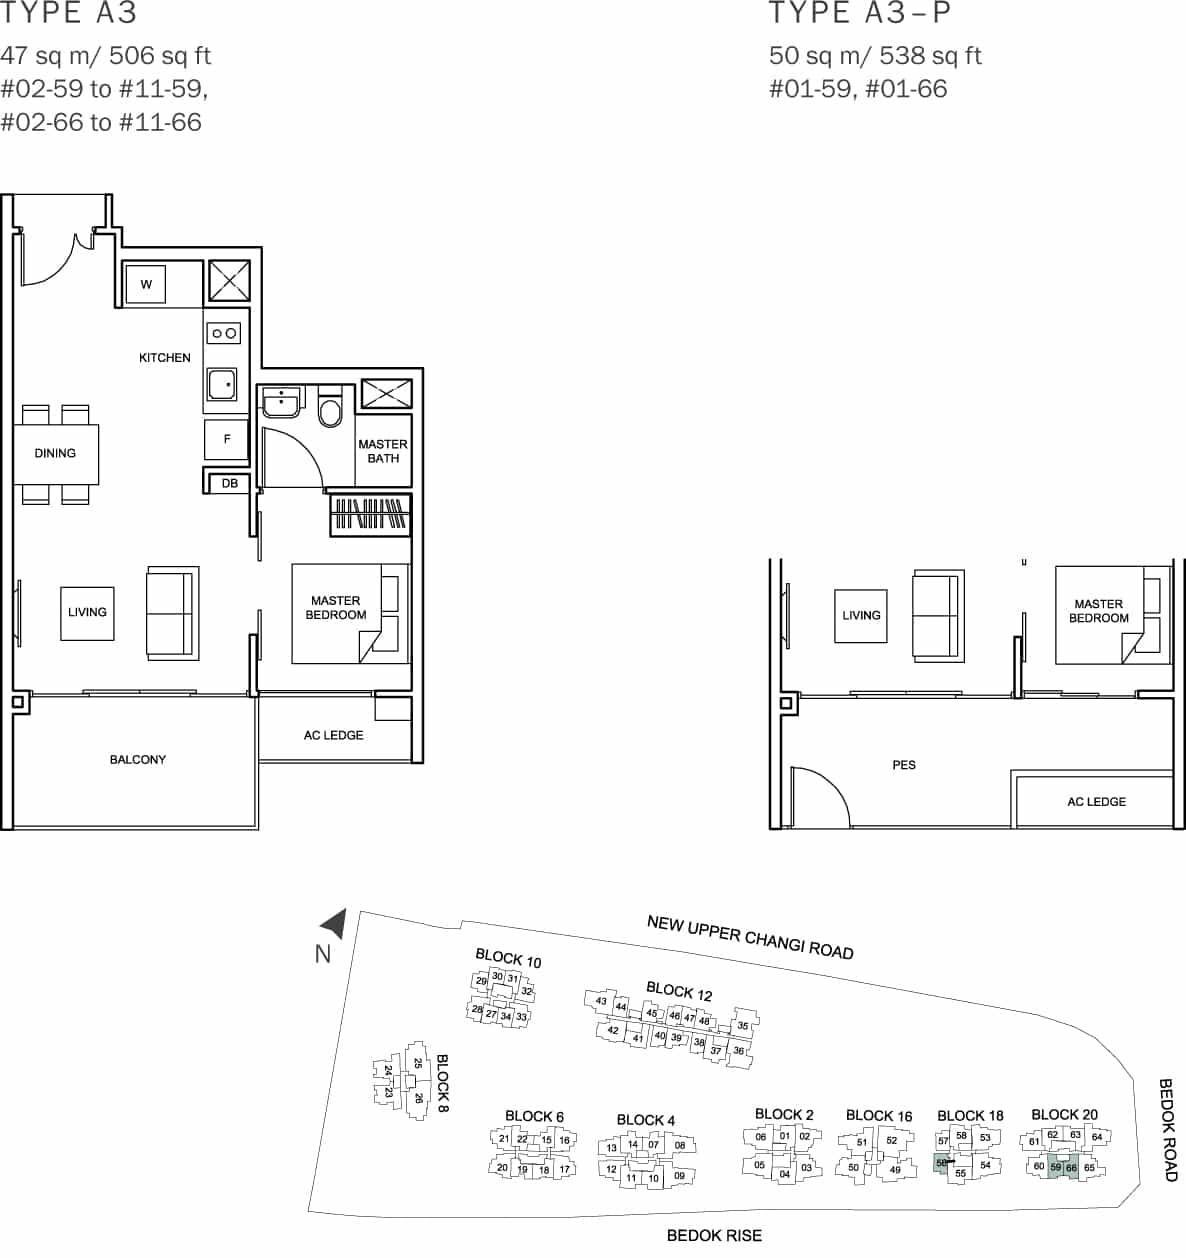 500sqm to sqft 100 500 sq m to sq ft 2 675m duplex loft in for 5000 square feet to meters